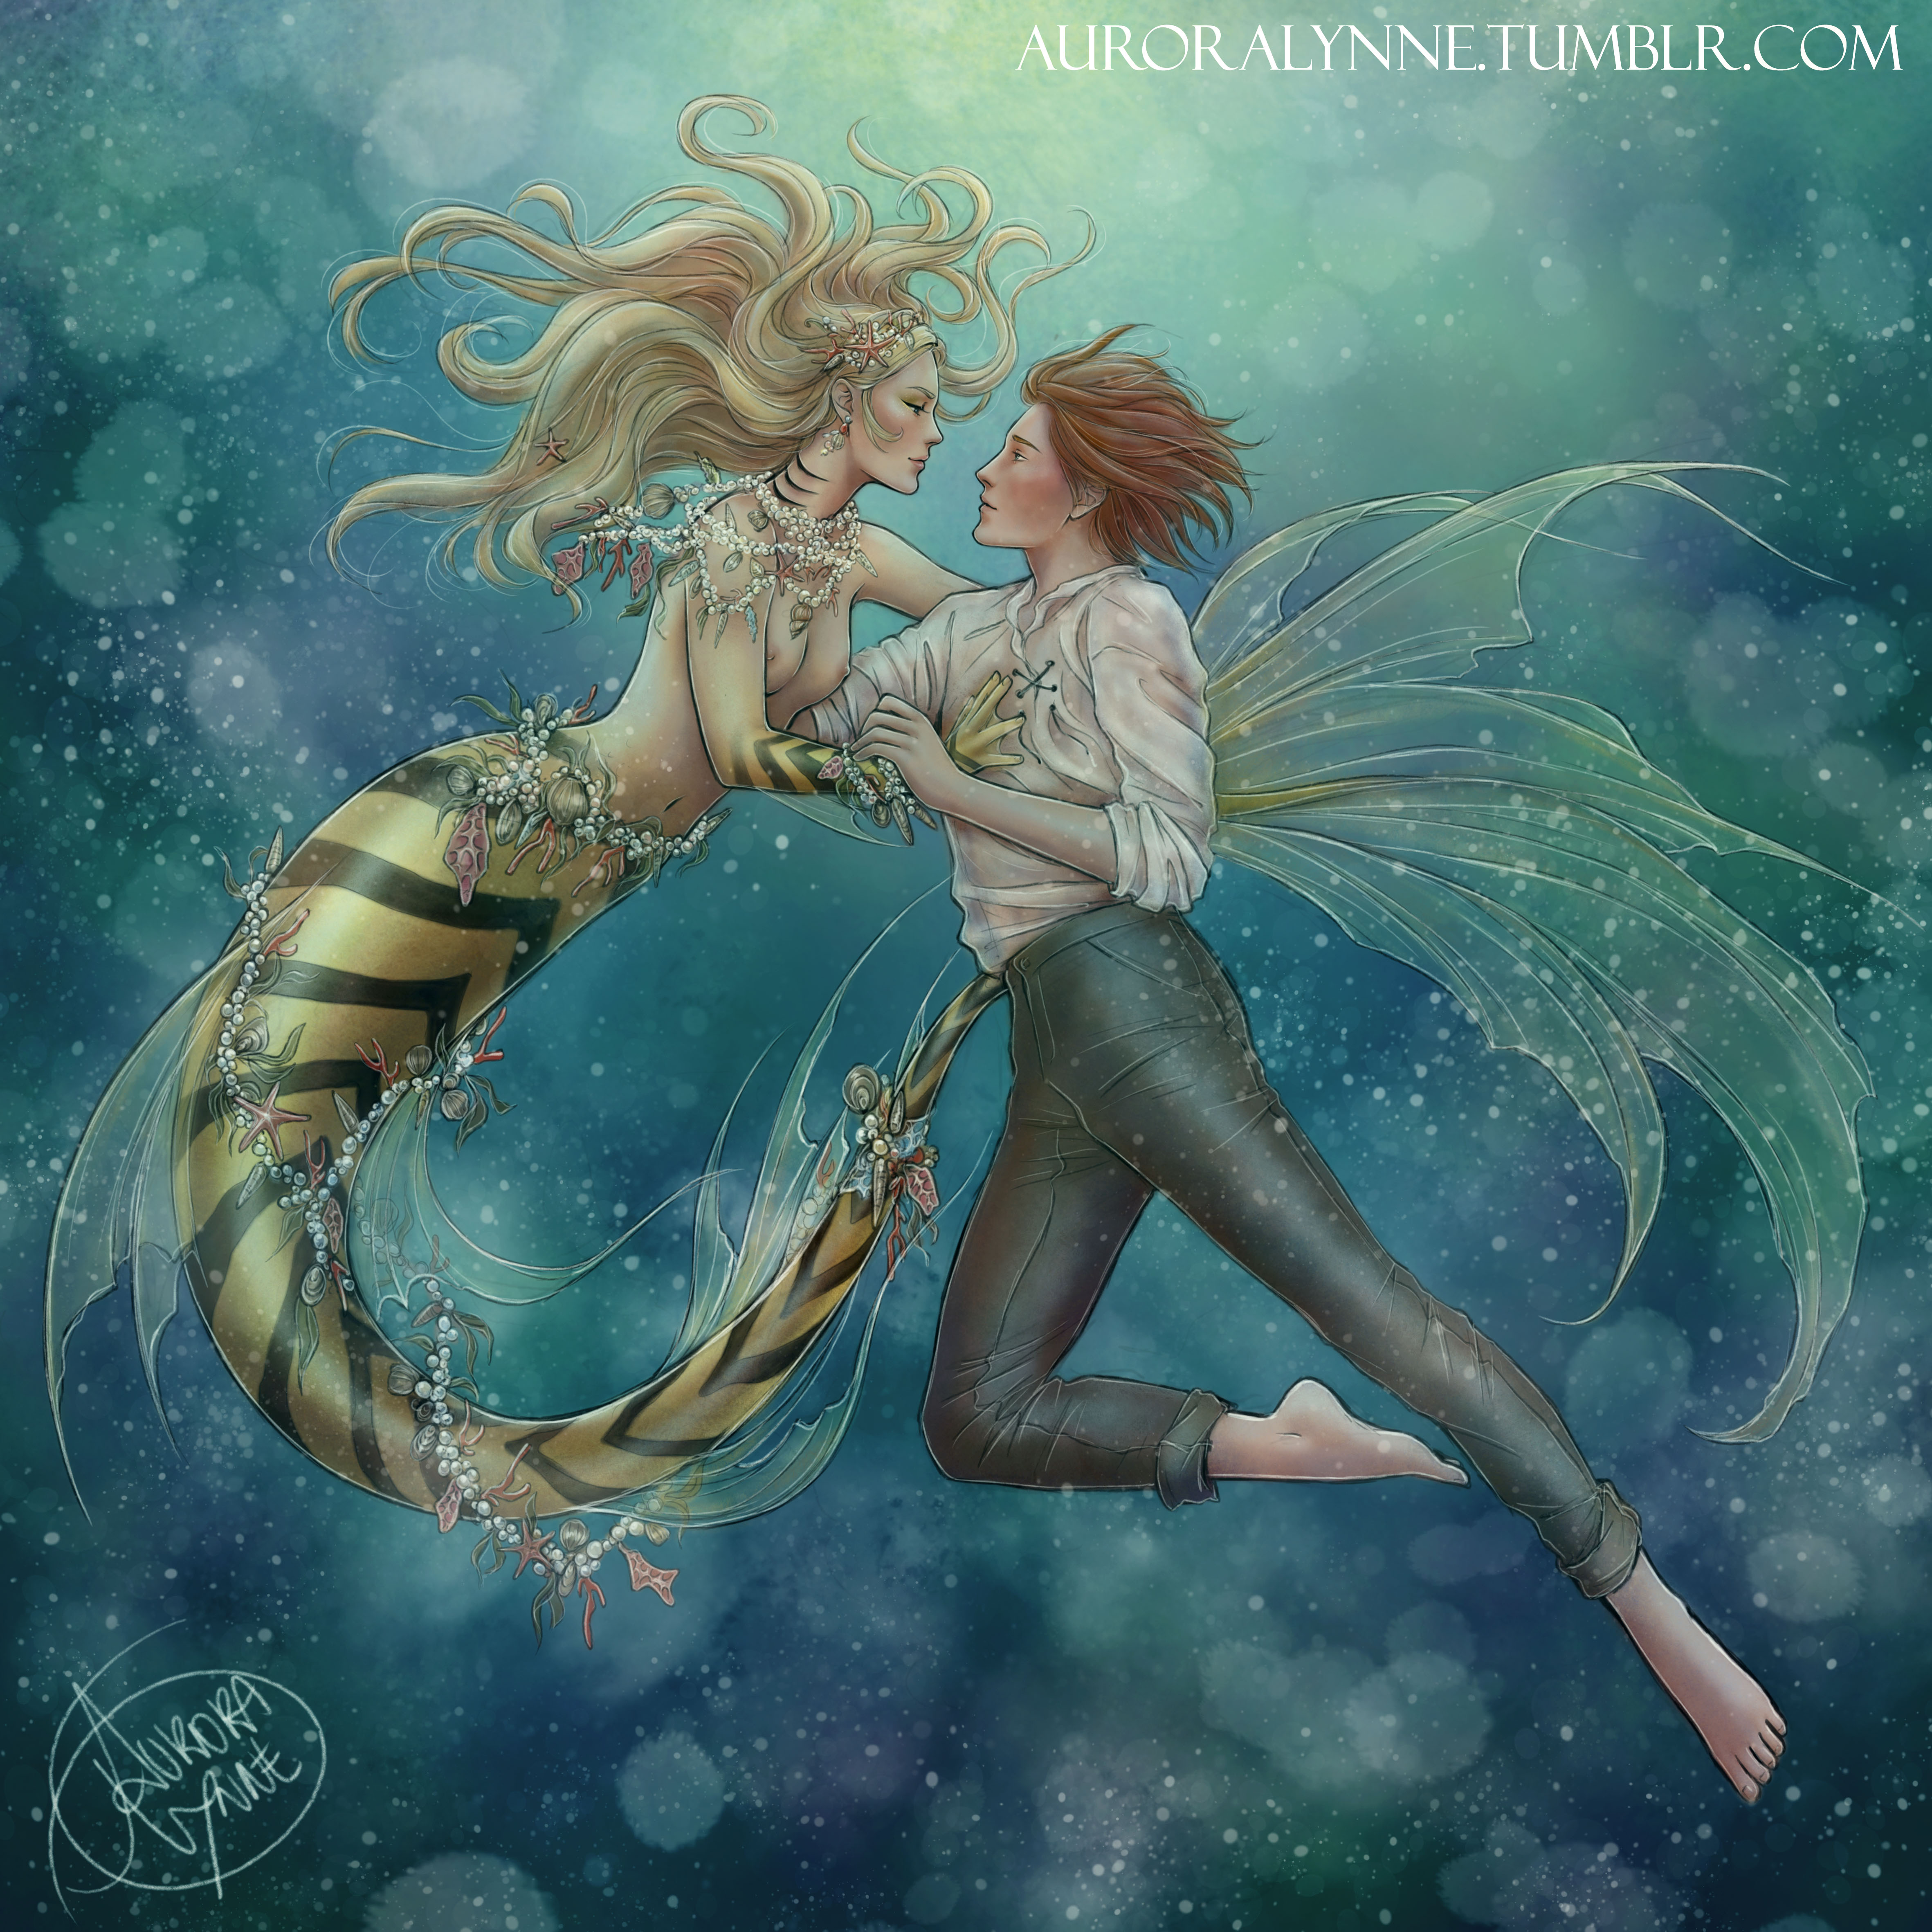 ChloNath - By the Sea, by Aurora Lynne